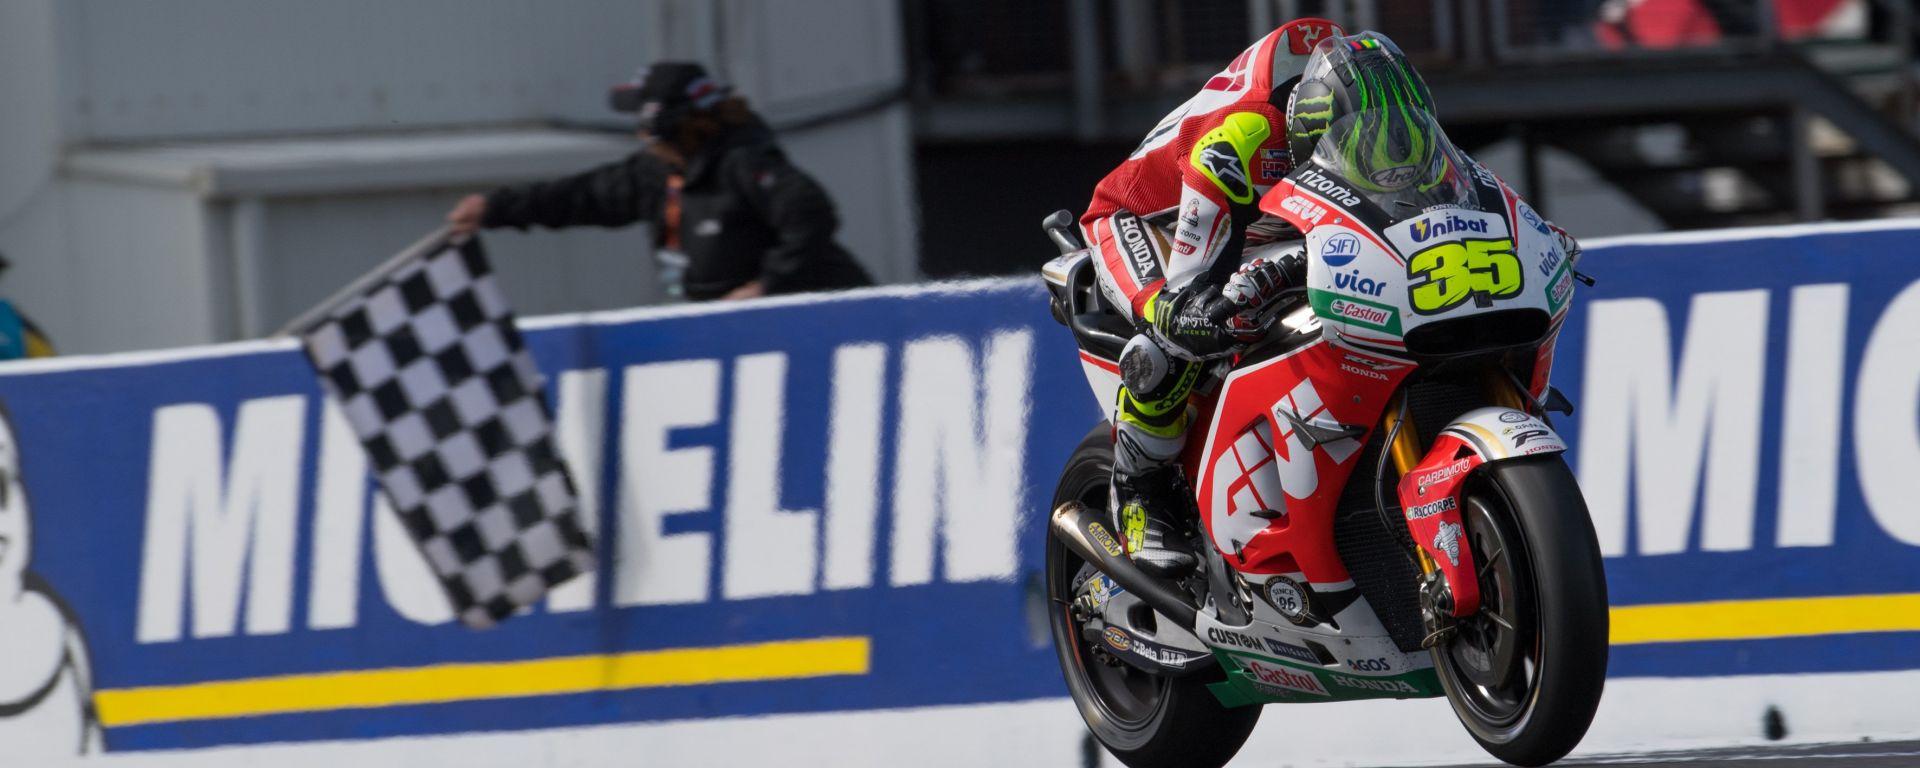 MotoGP Phillip Island 2016: le pagelle della gara in Australia